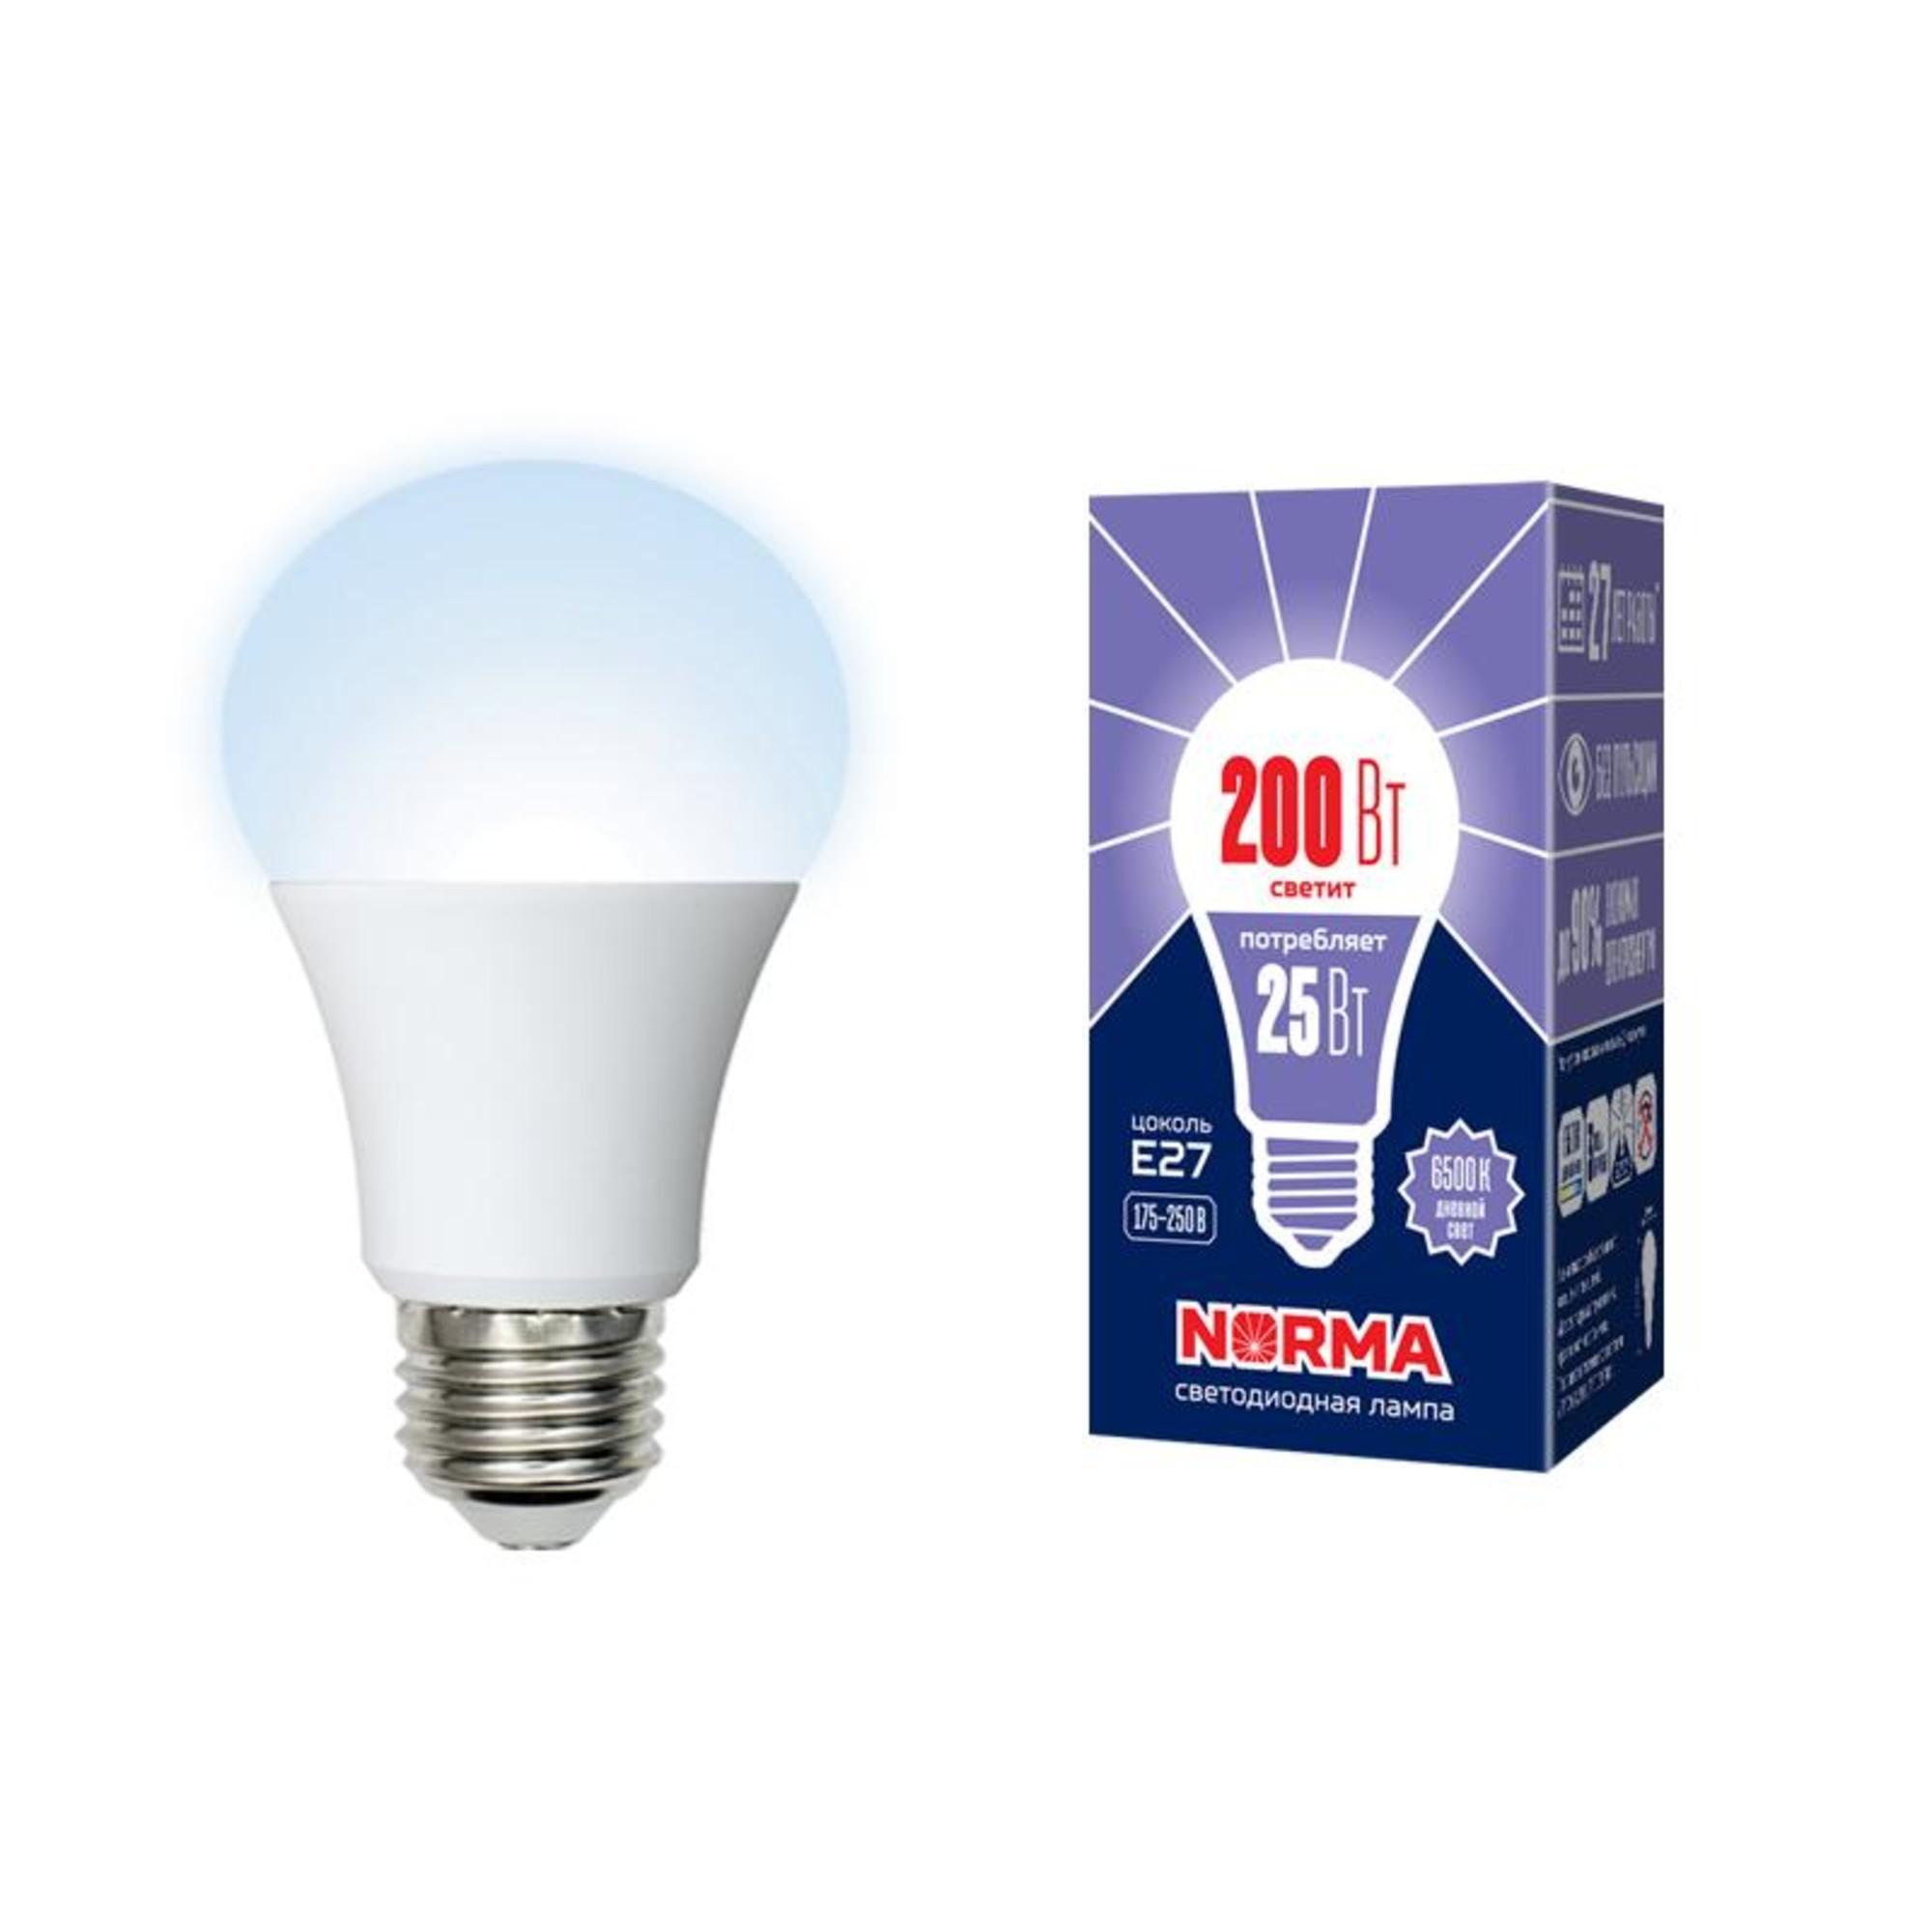 Лампа Volpe светодиодная E27 25 Вт нейтральный свет